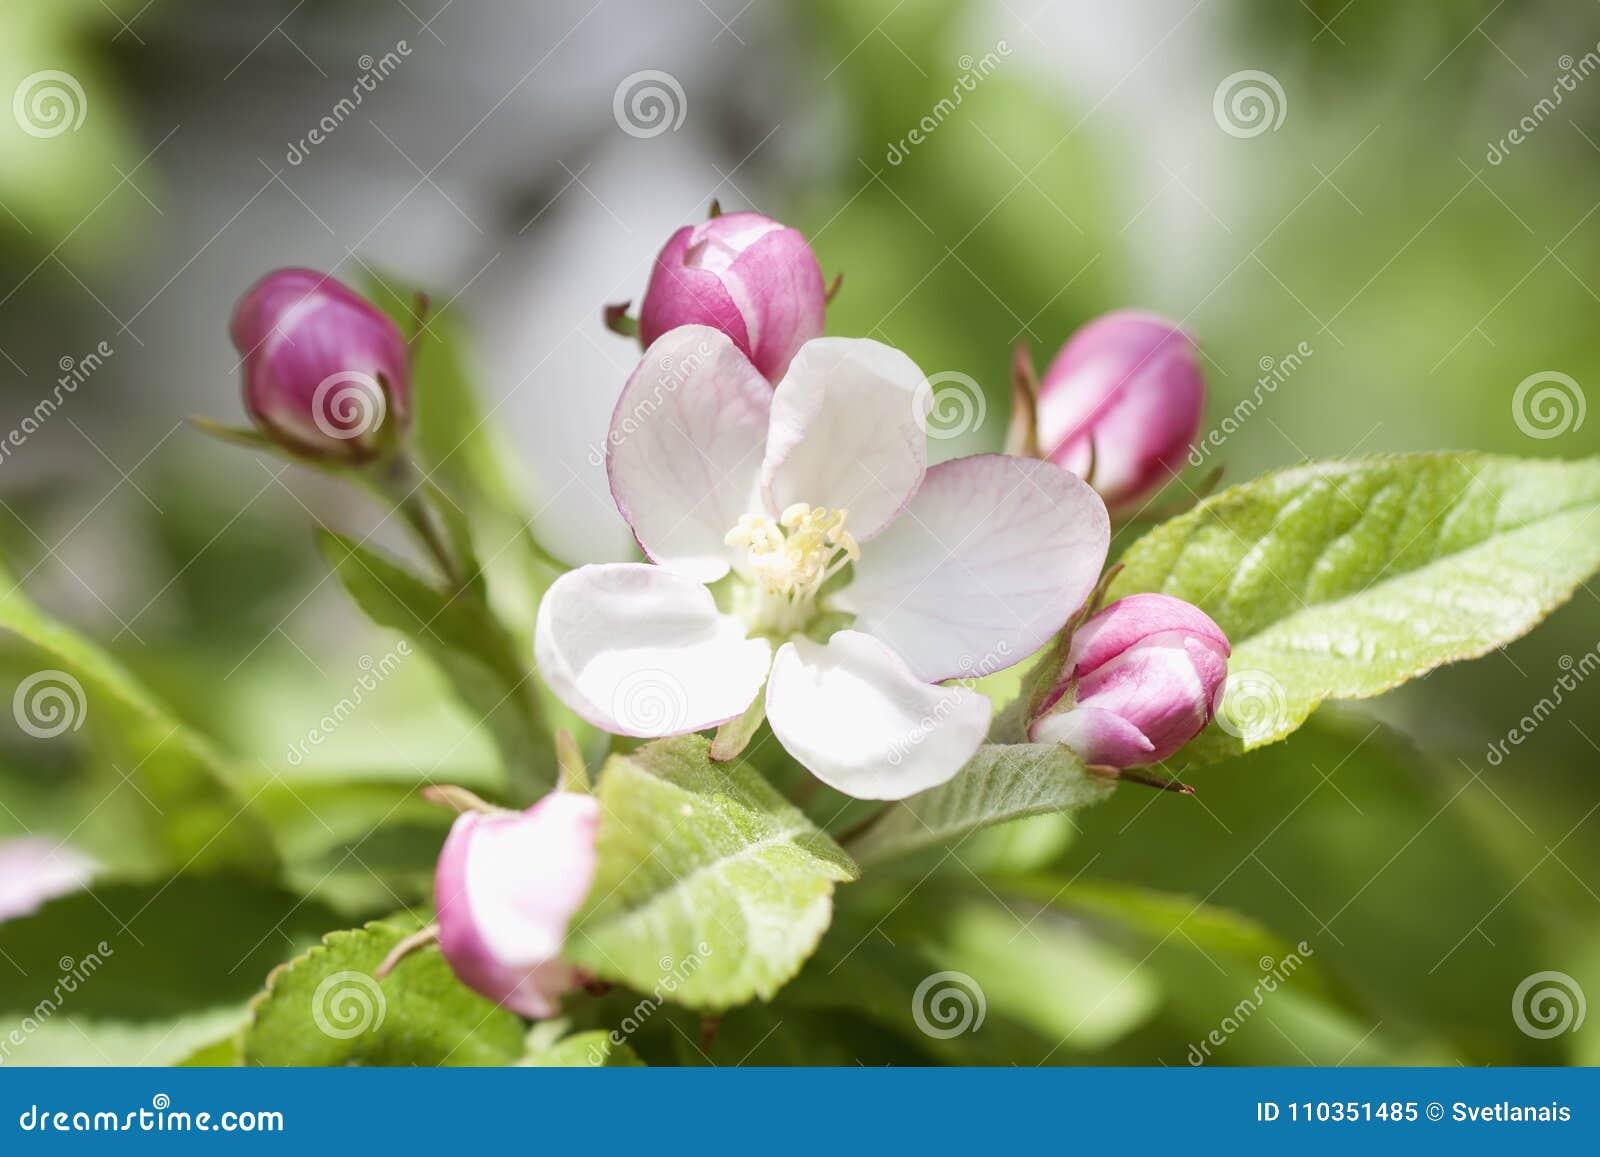 De tak van bloeiende wilde Apple-boom met tedere roze knopbloemen, springt zonnige dag op